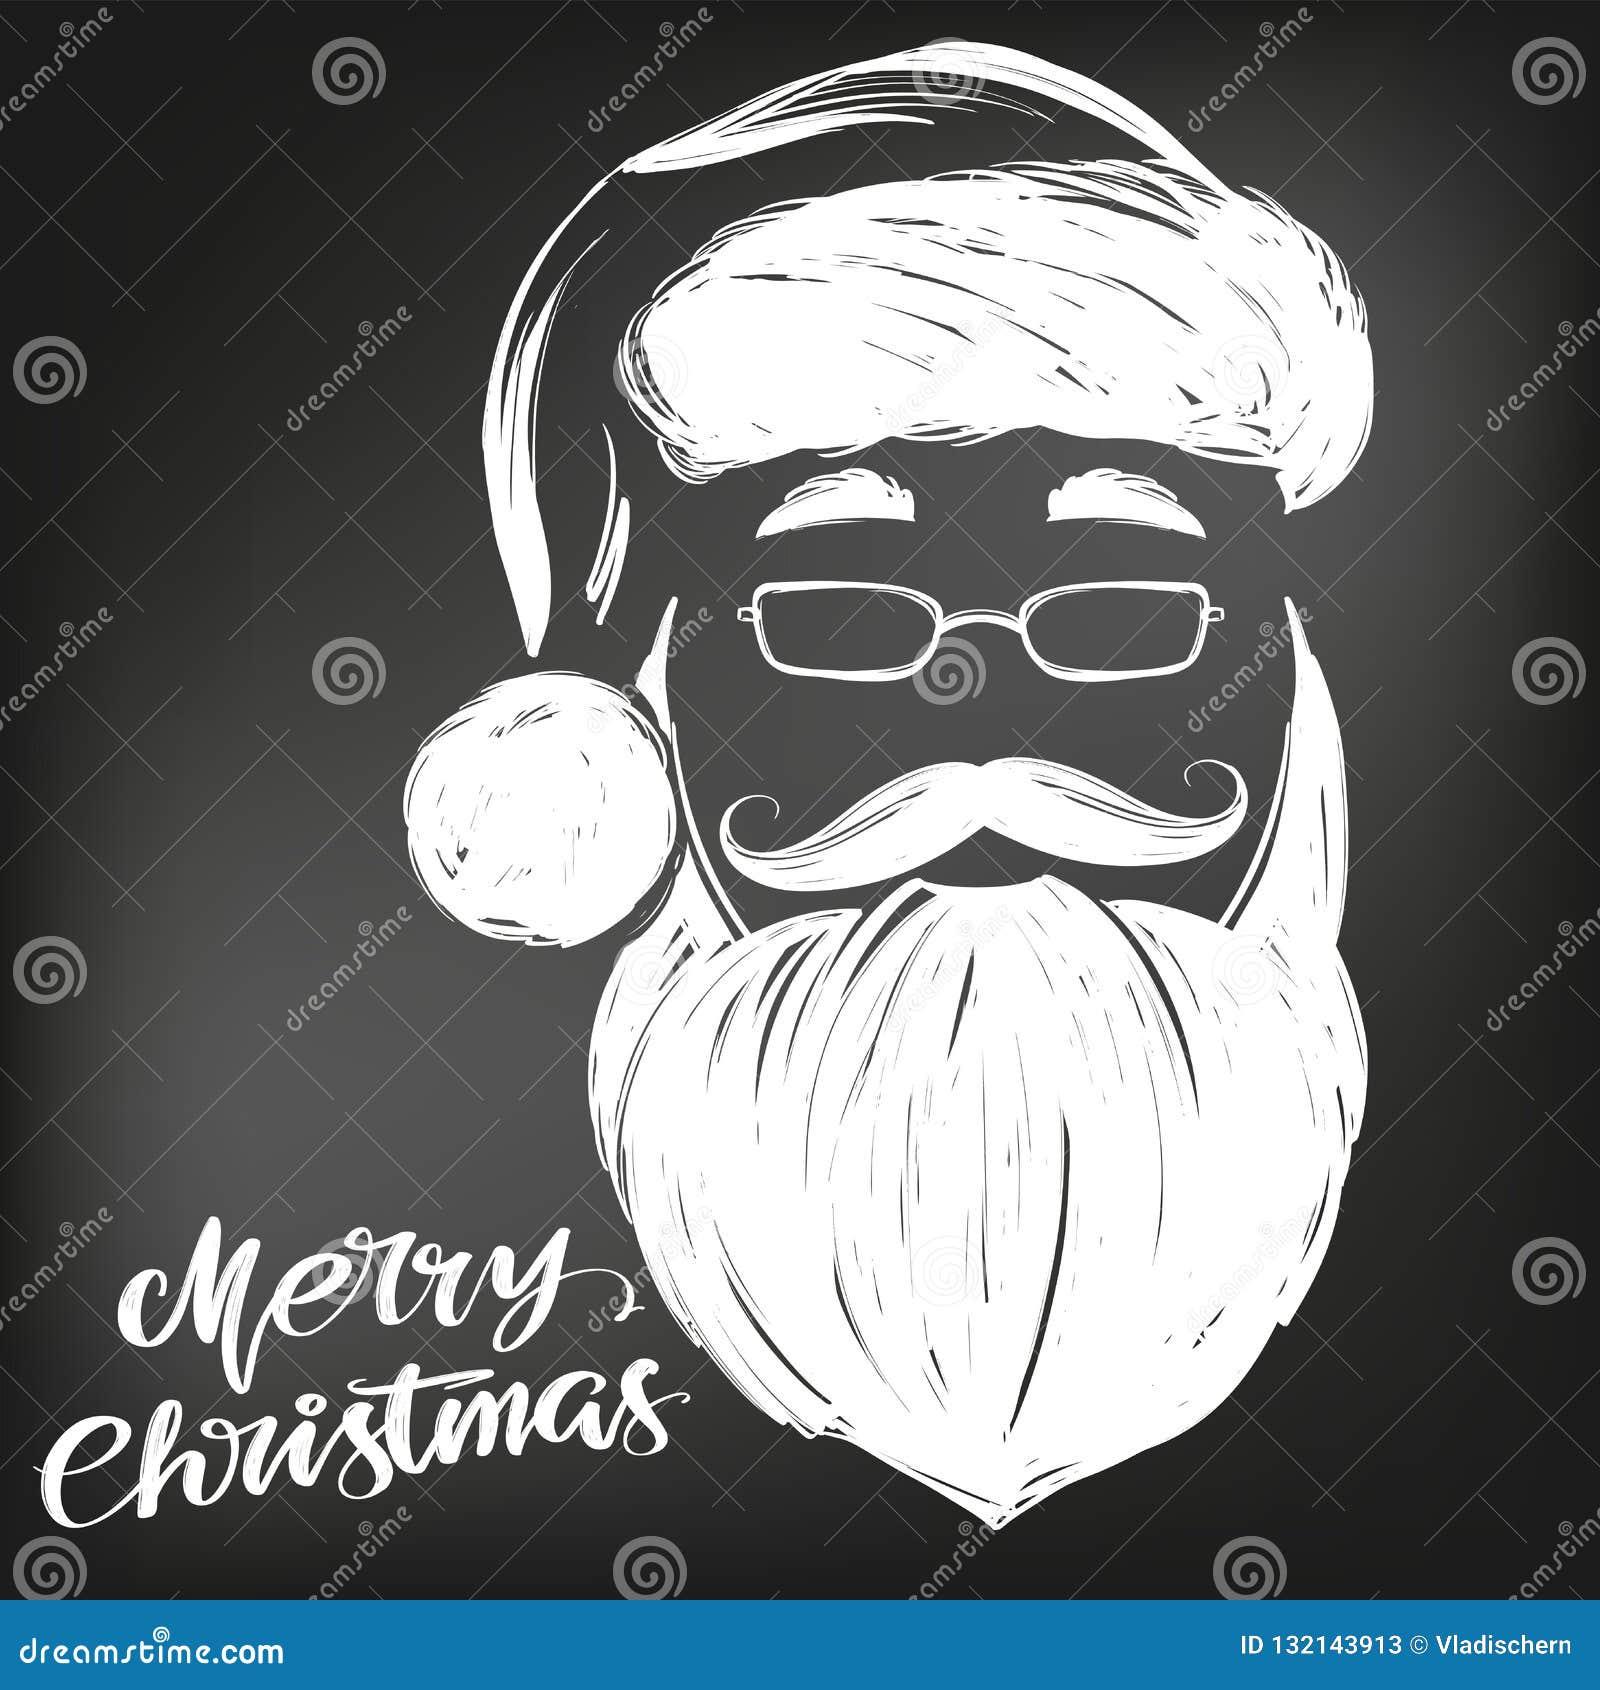 Άγιος Βασίλης, συρμένο διανυσματικό σκίτσο απεικόνισης συμβόλων Χριστουγέννων χέρι, που επισύρεται την προσοχή στην κιμωλία σε έν